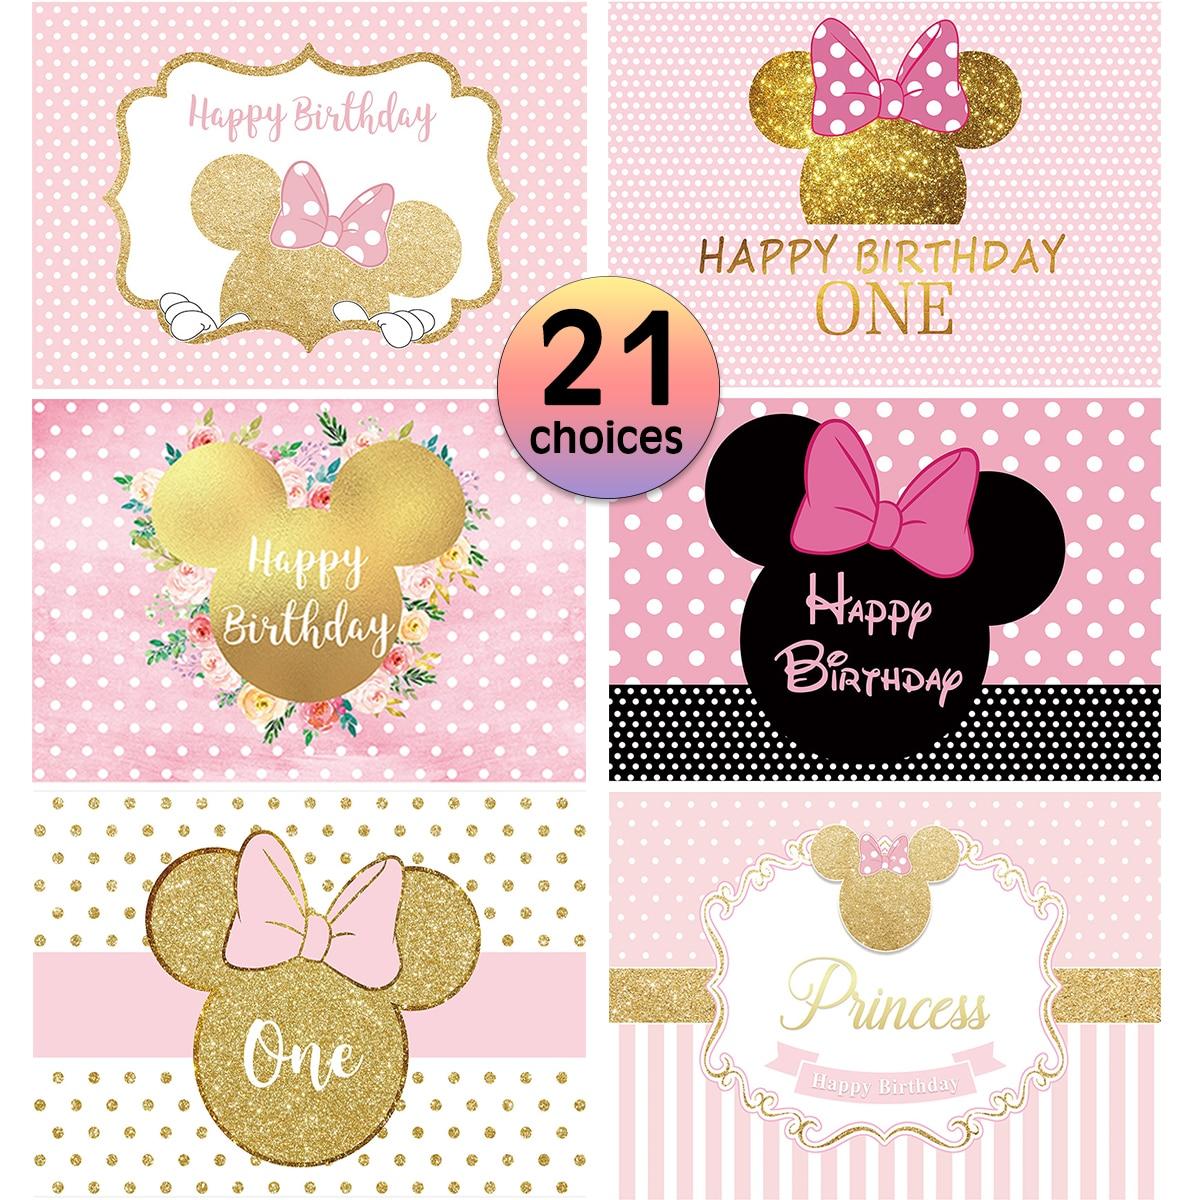 Allenjoy mouse aniversário pano de fundo dos desenhos animados festa rosa decoração da menina crianças chuveiro do bebê recém-nascido personalizar fundo photocall